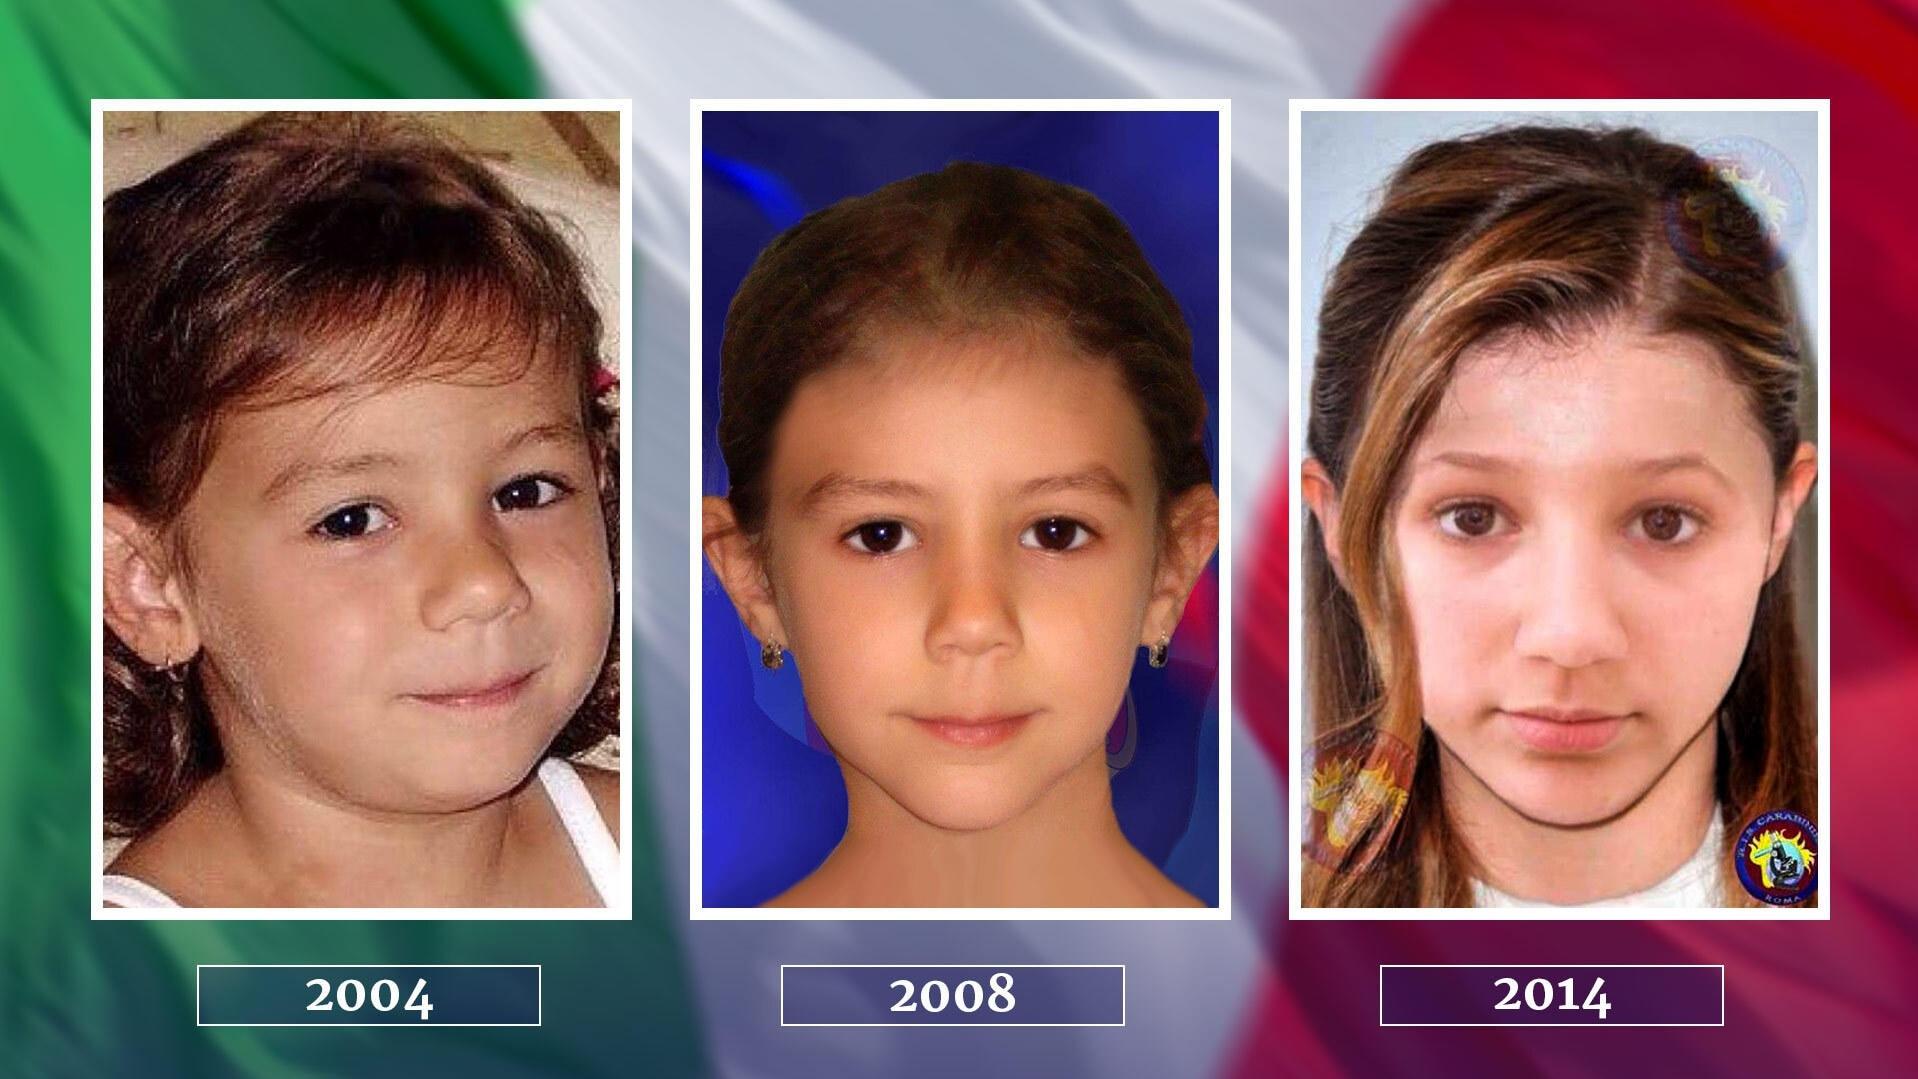 So könnte Denise Pipitone sich im Laufe der Jahre verändert haben: 2008 und 2014 erstellten die italienischen Behörden via Aging-Verfahren Bilder mit einer Prognose des aktuellen Aussehens des vermissten Mädchens.